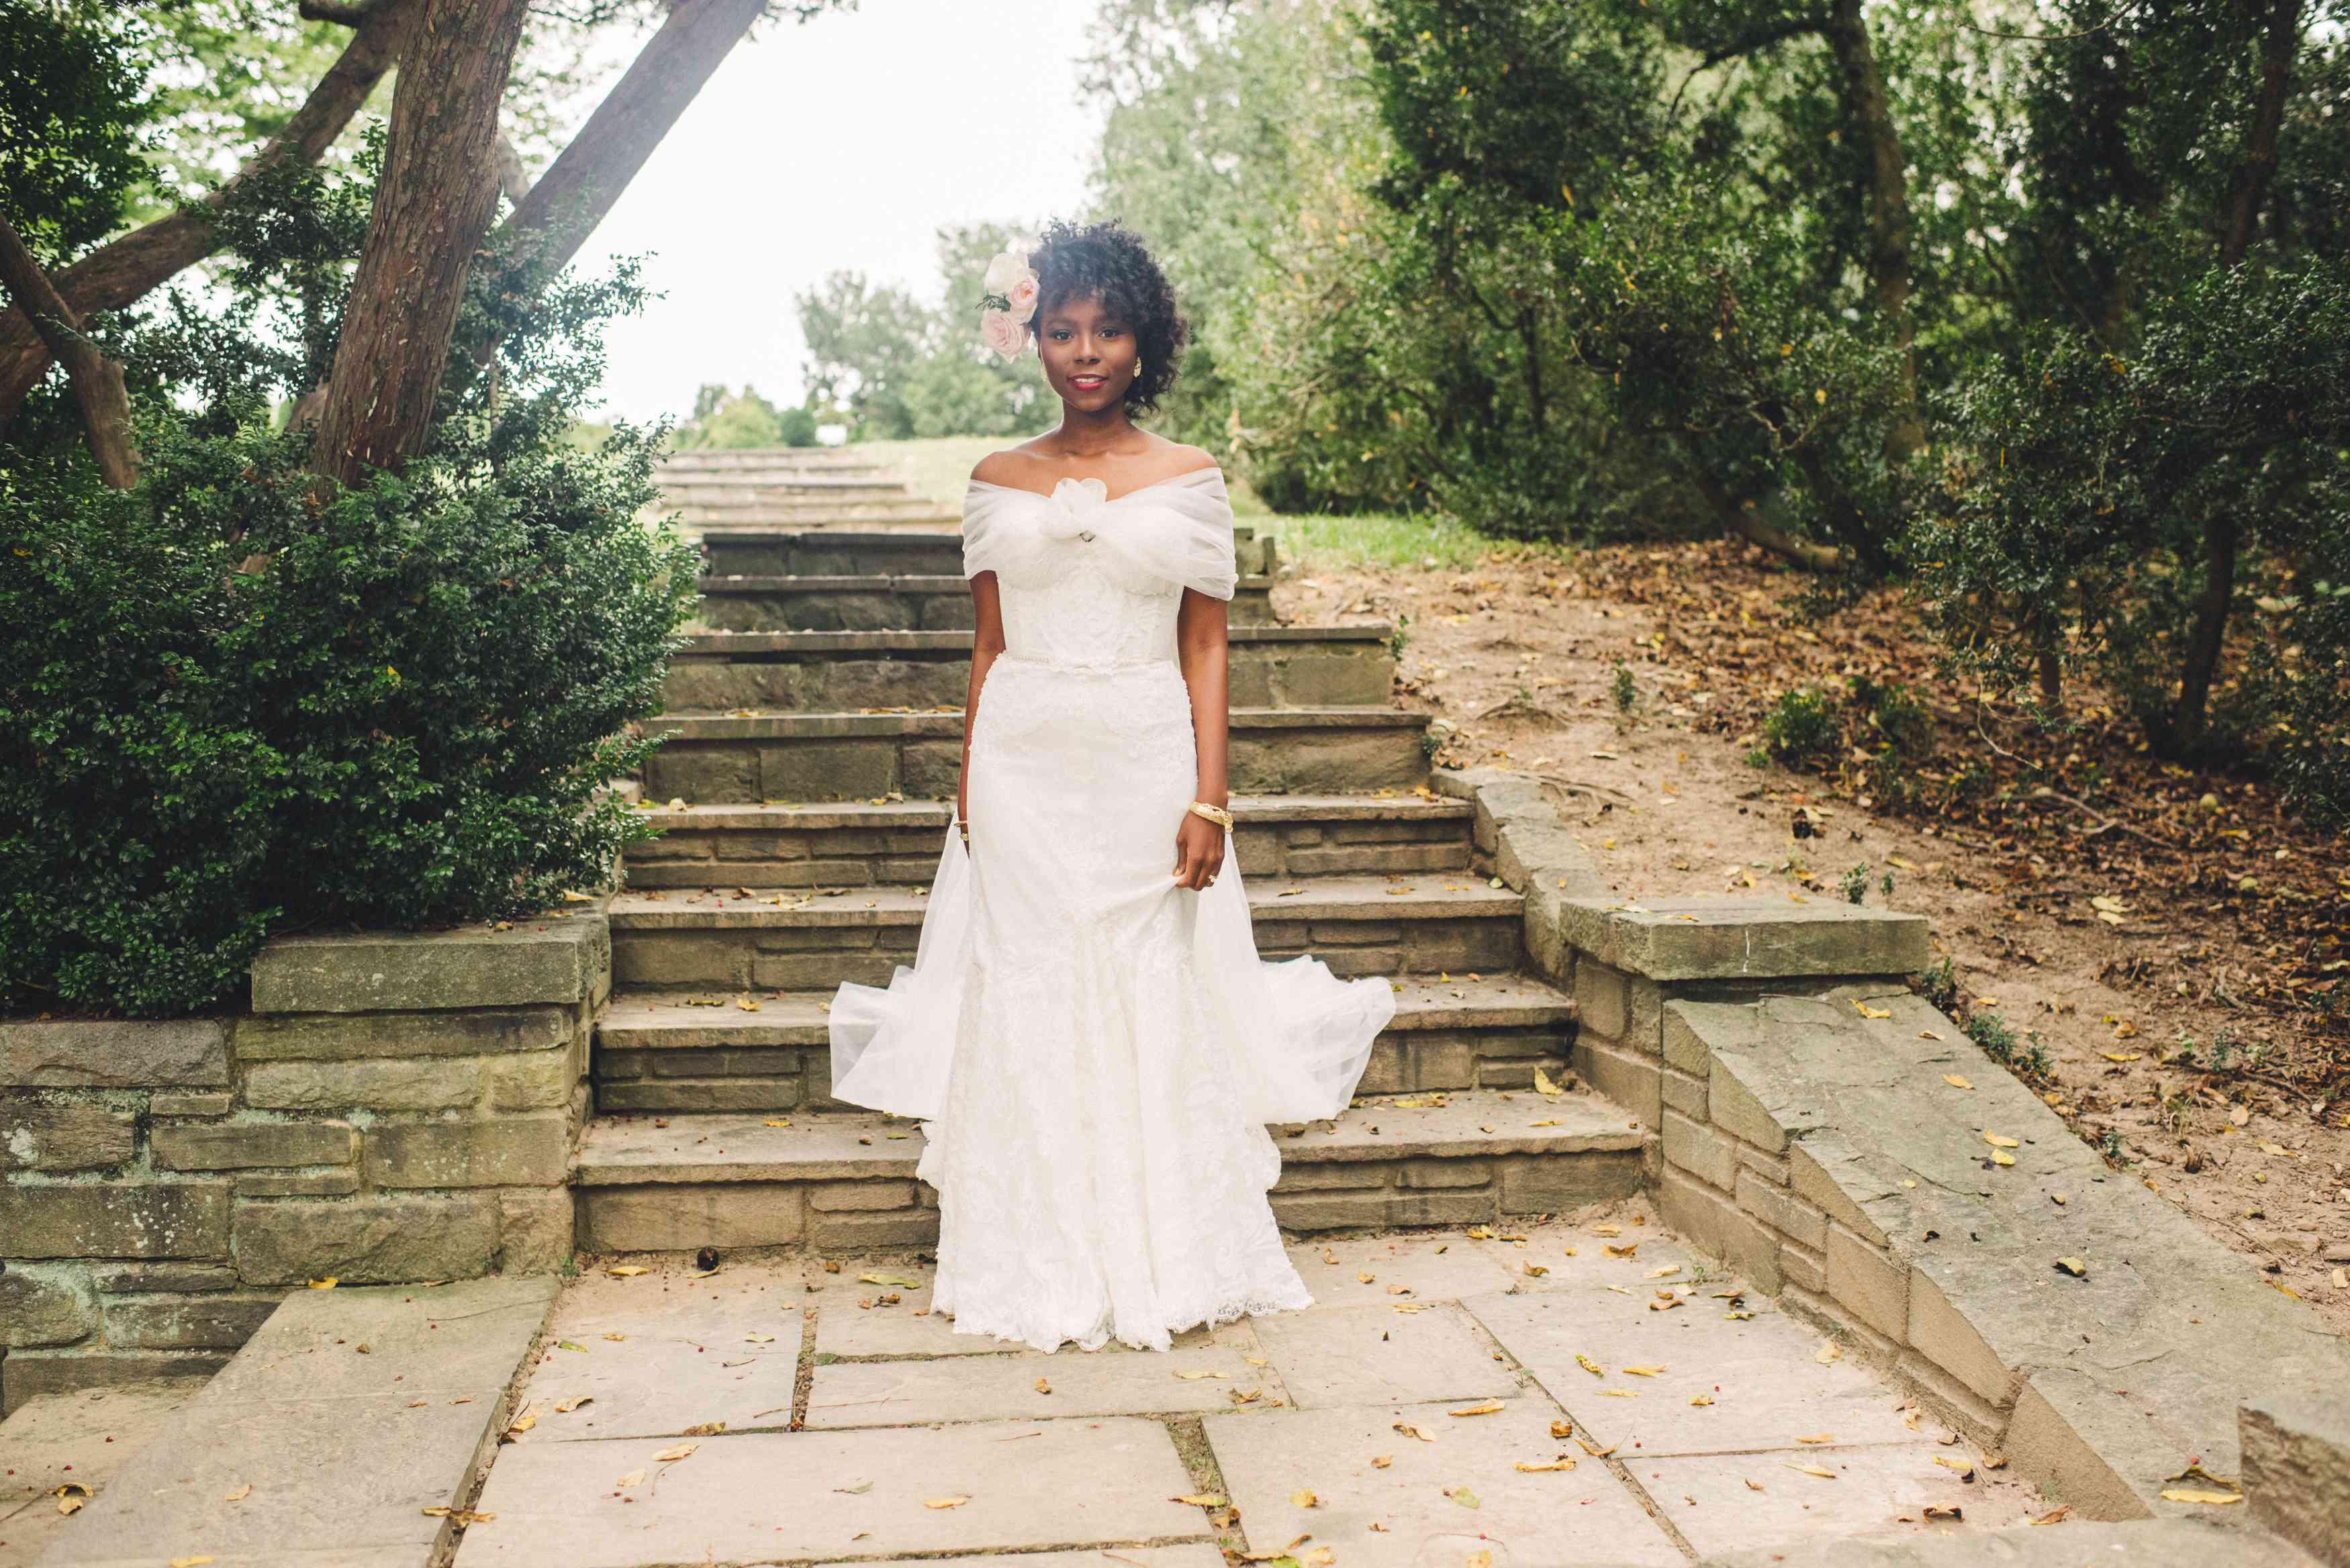 Bride in Inbal Dror